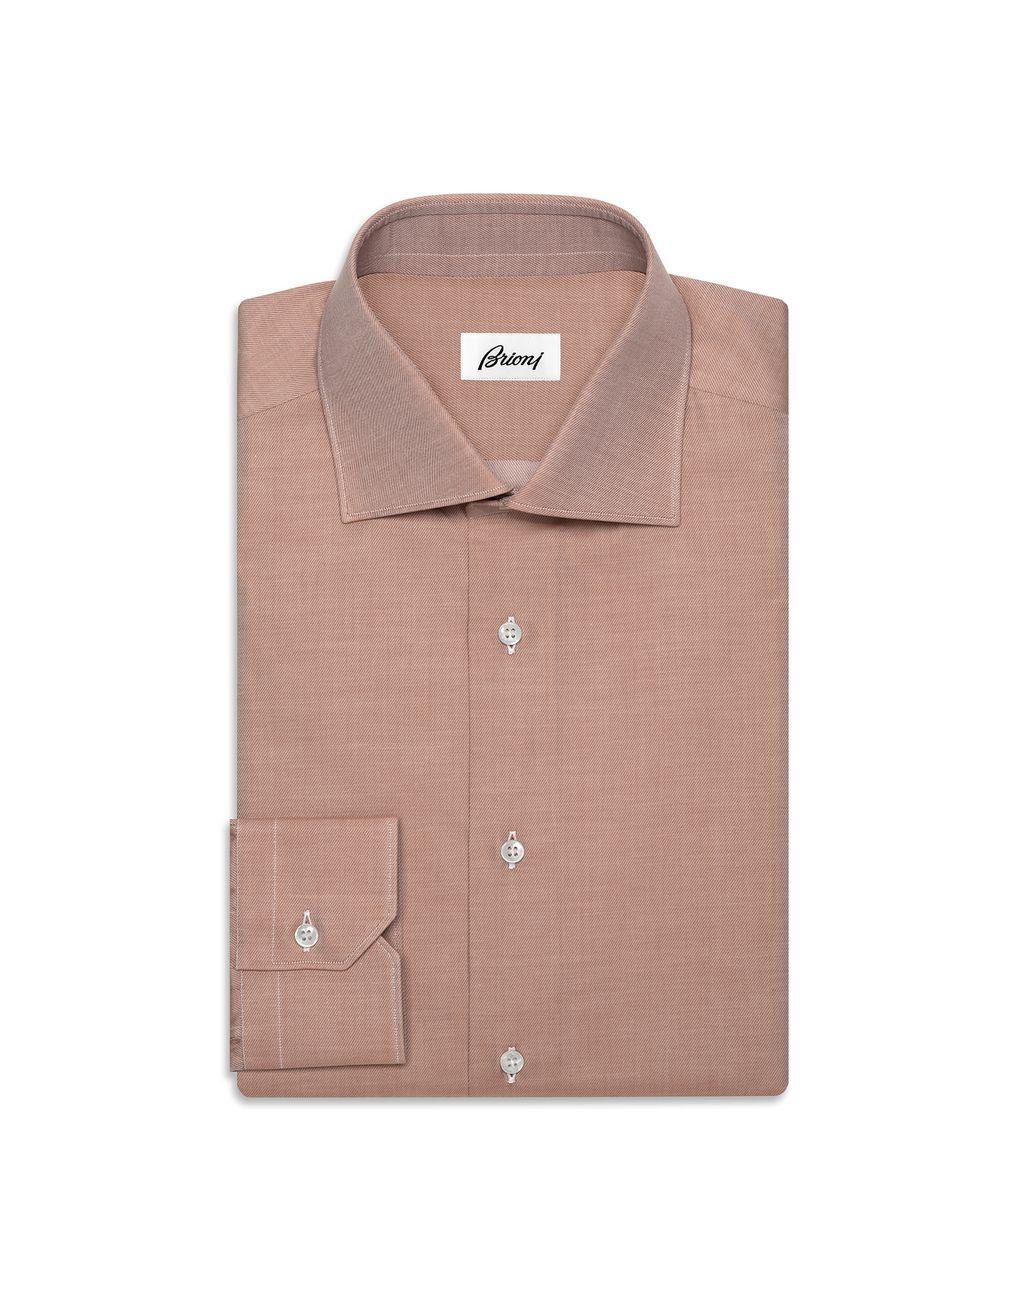 BRIONI Приталенная рубашка из твила цвета виски Классическая рубашка U f